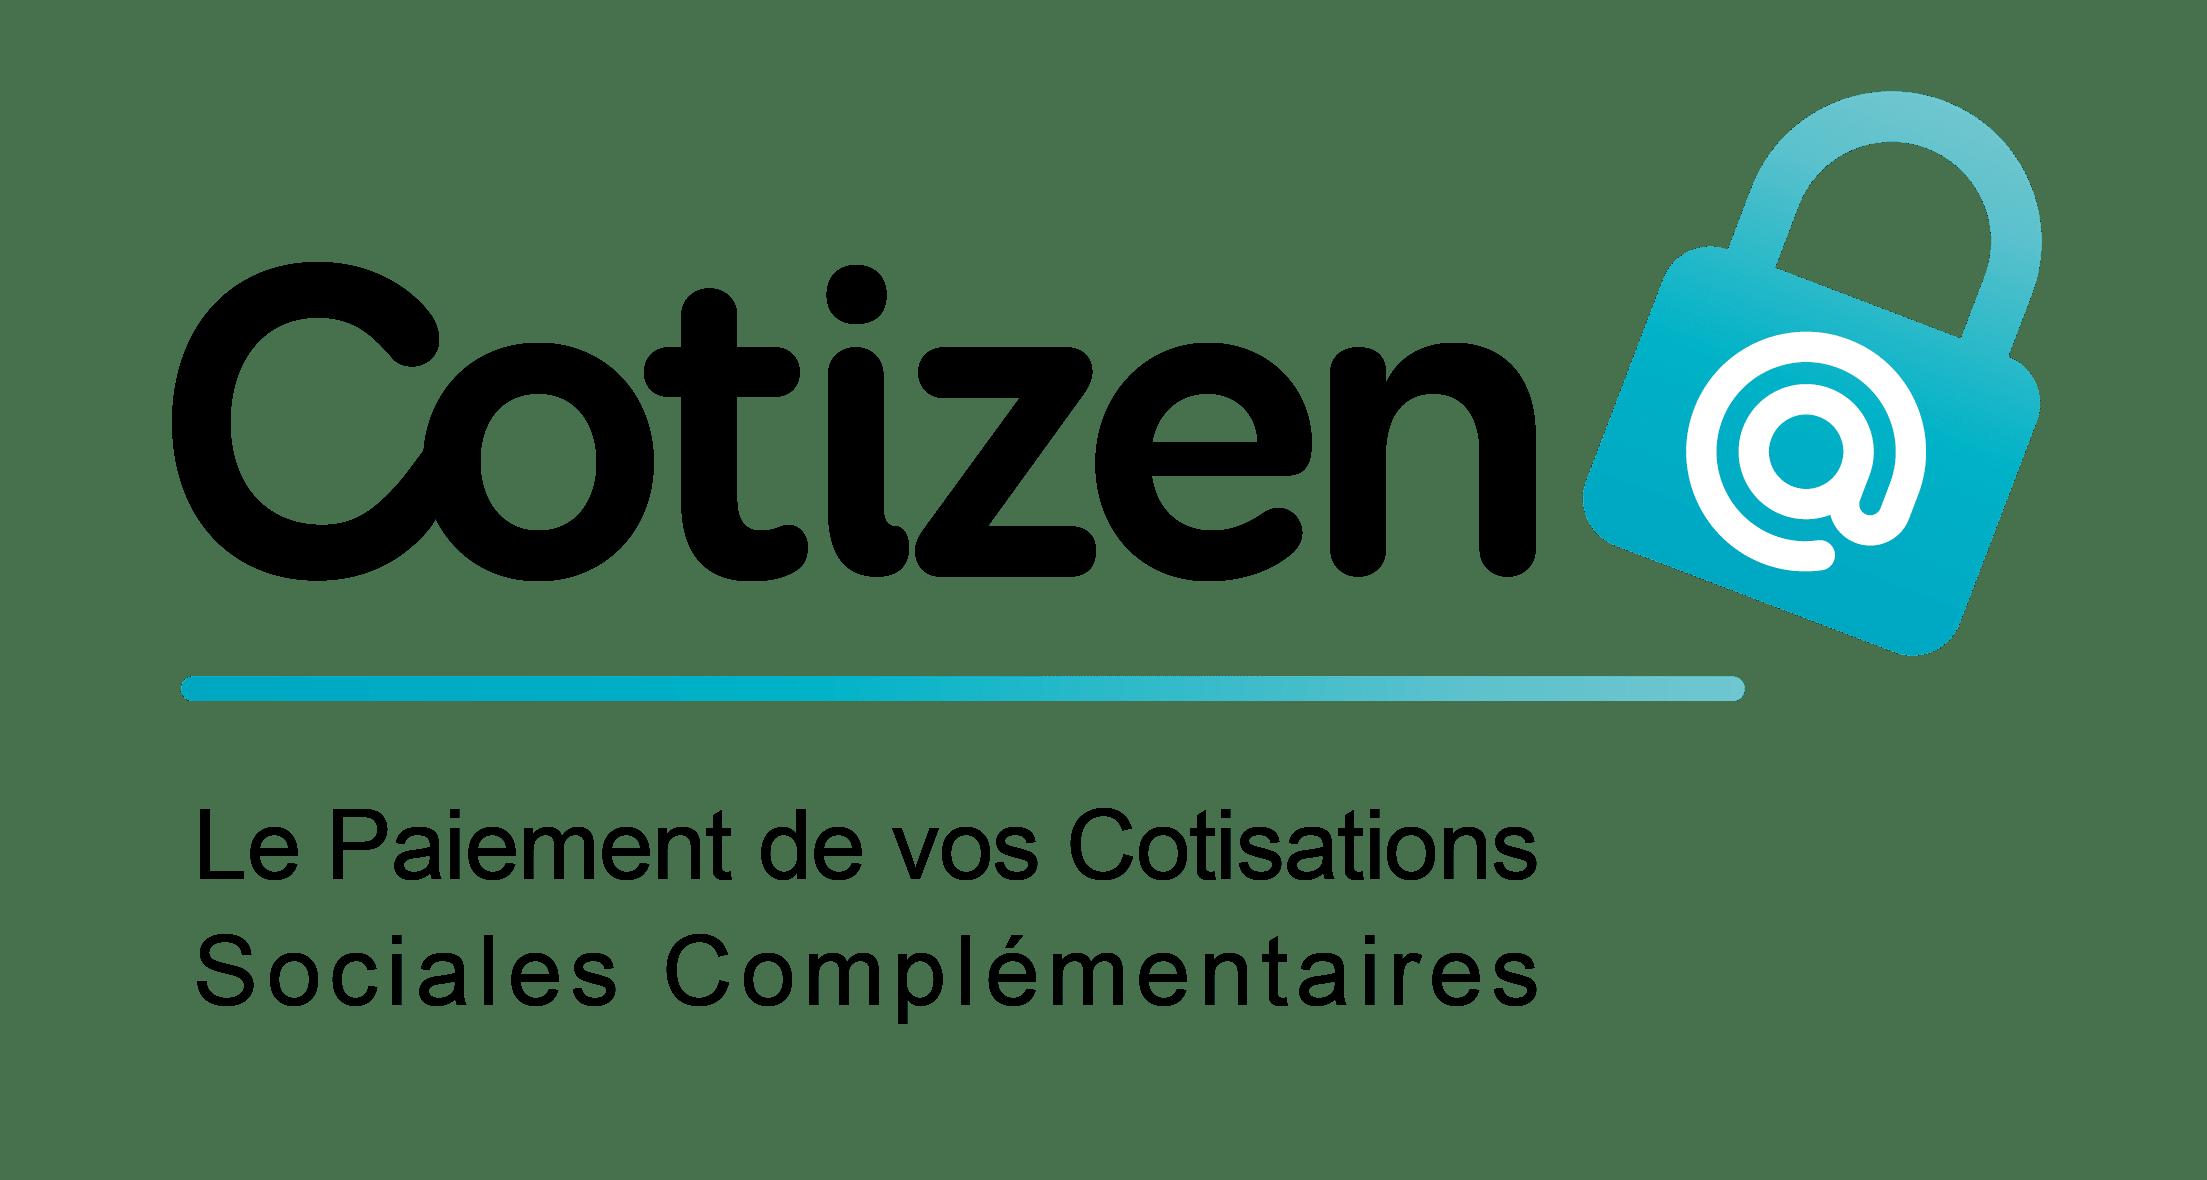 Cotizen, le service de paiement simplifié pour les entreprises accessible depuis Net-Entreprises